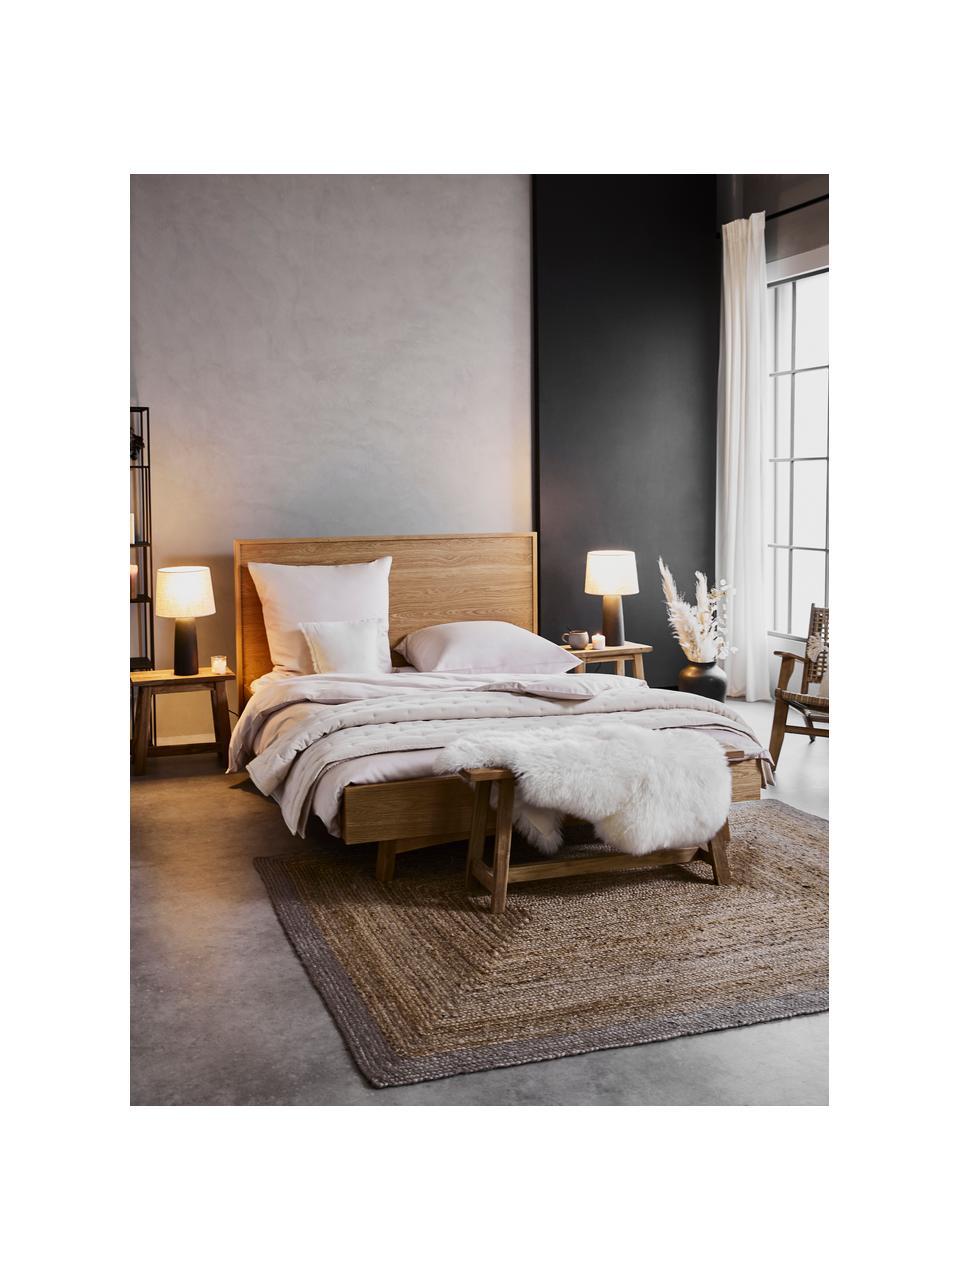 Łóżko drewniane z zagłówkiem Tammy, Stelaż: płyta pilśniowa średniej , Nogi: lite drewno dębowe, Drewno dębowe, S 180 x D 200 cm